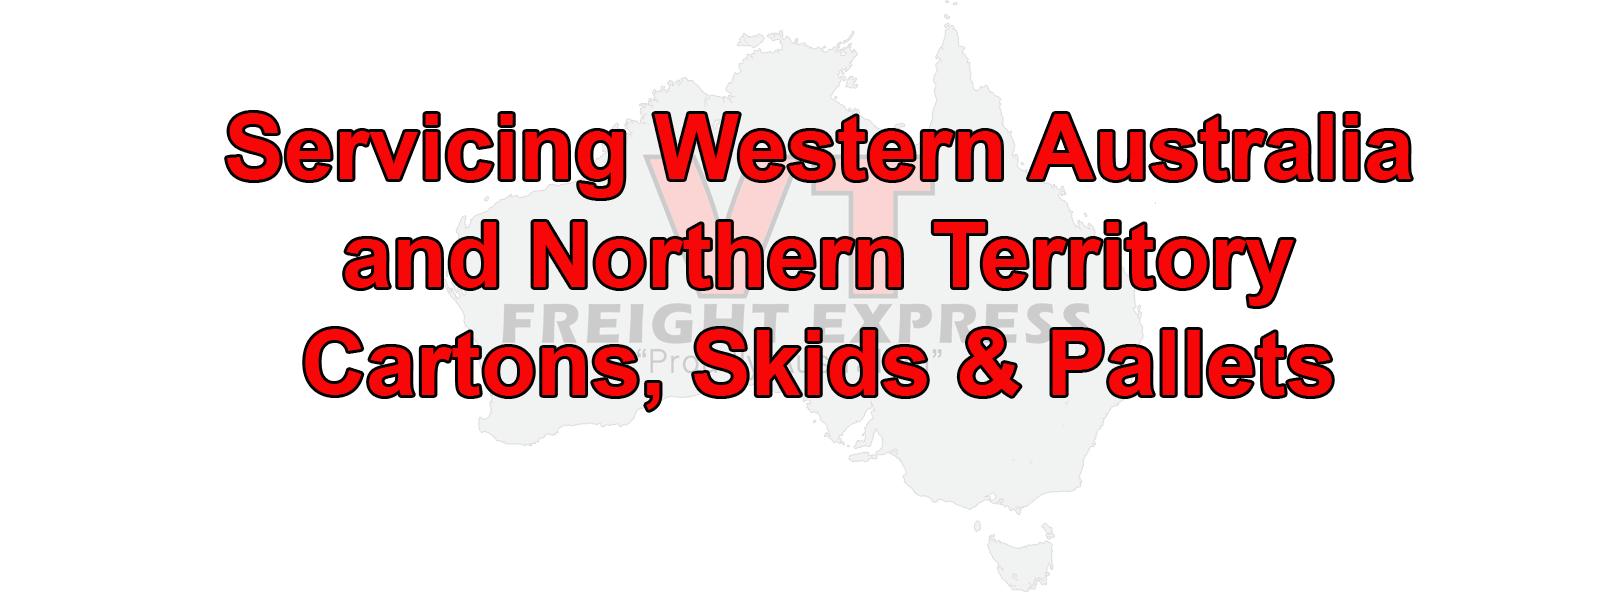 westaustralia_2020